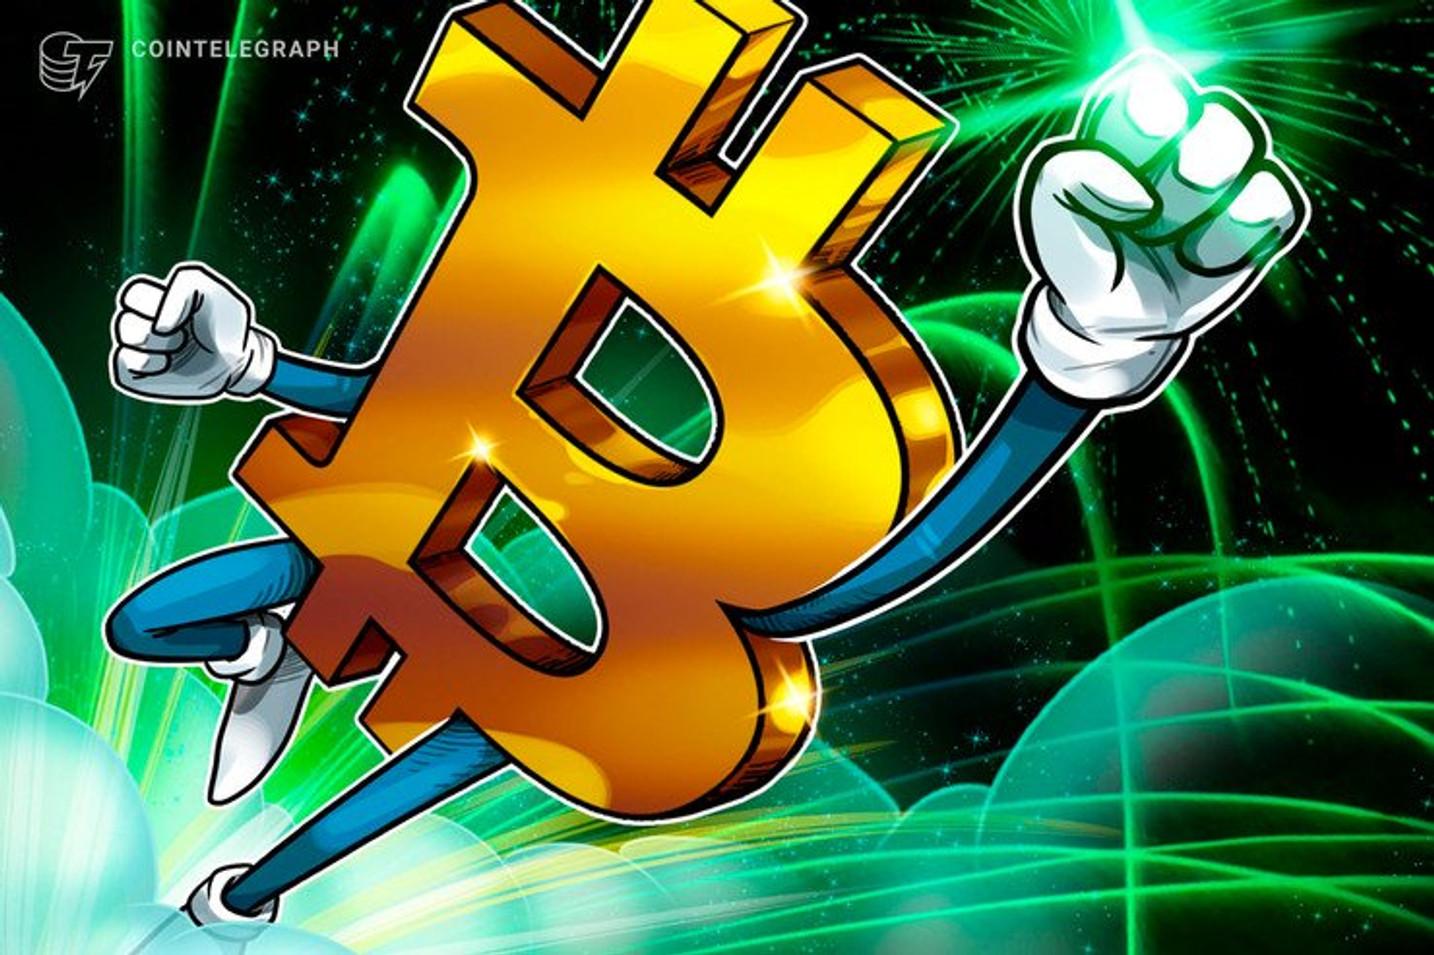 仮想通貨相場は全面高、ブルーバーグアナリスト「ビットコインは1万ドル以上は可能」